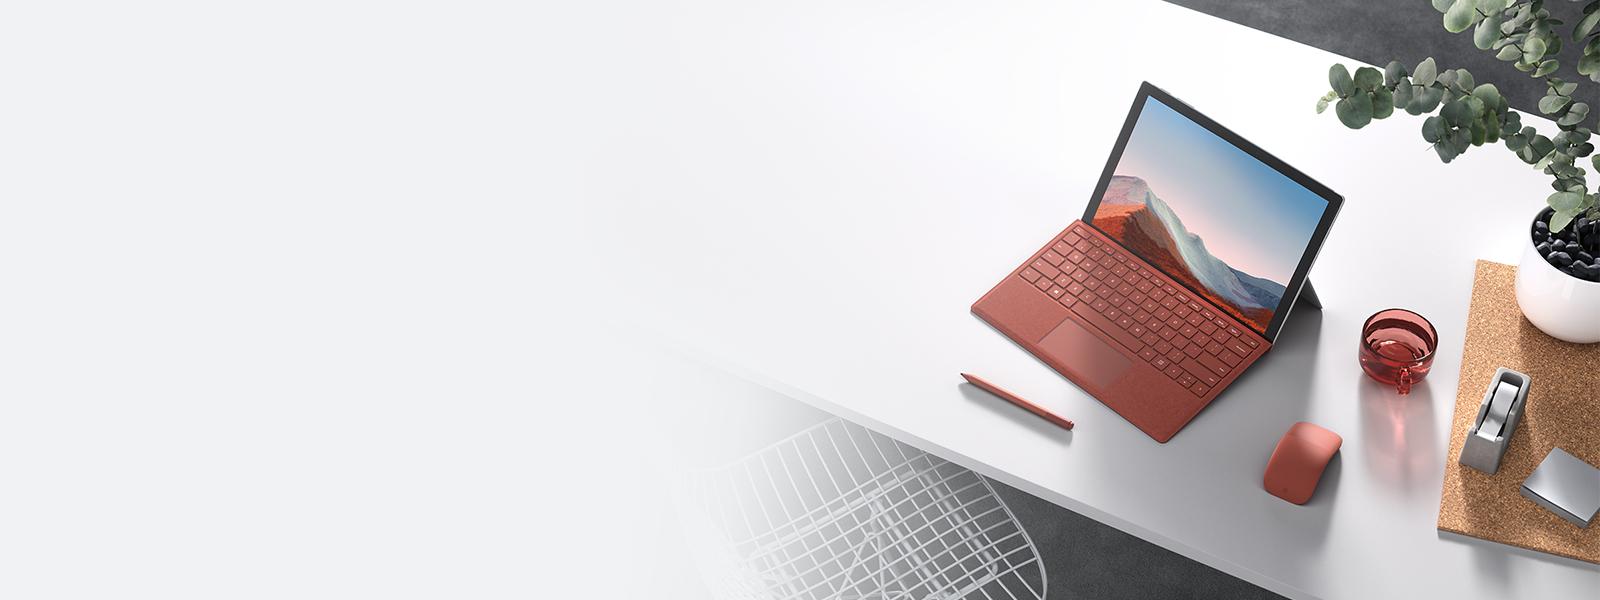 Surface Pro 7+ 商用版